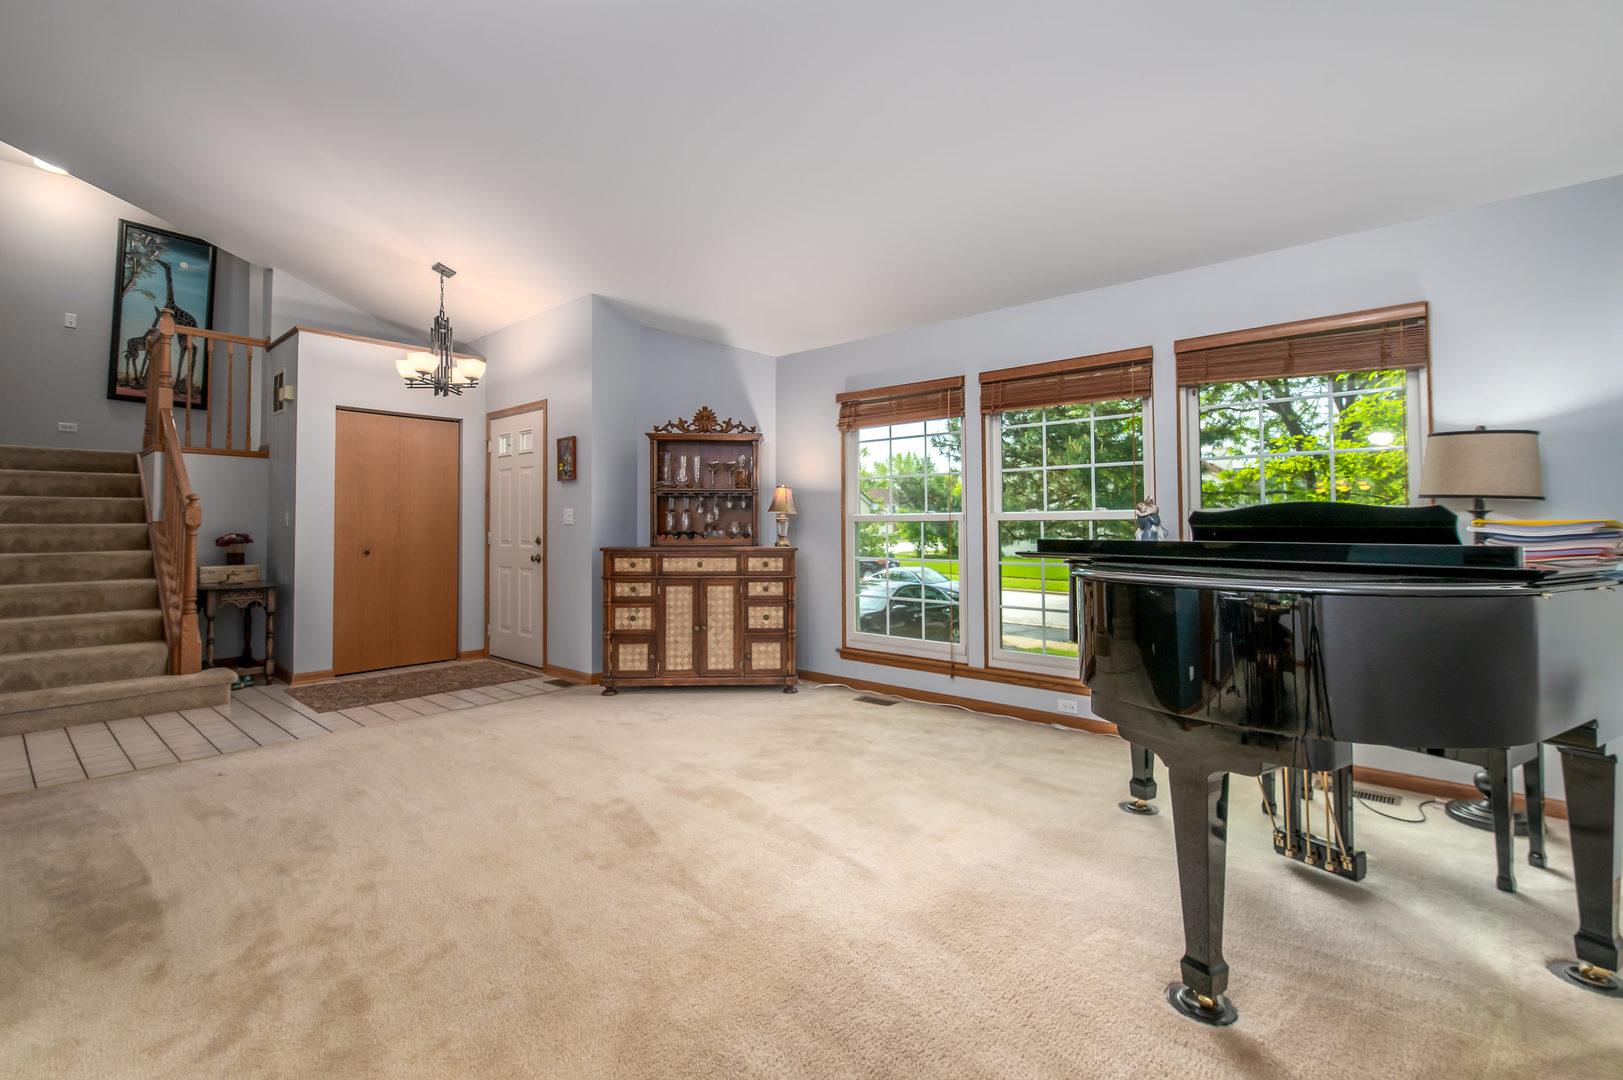 3500 GATEWOOD, AURORA, Illinois, 60504